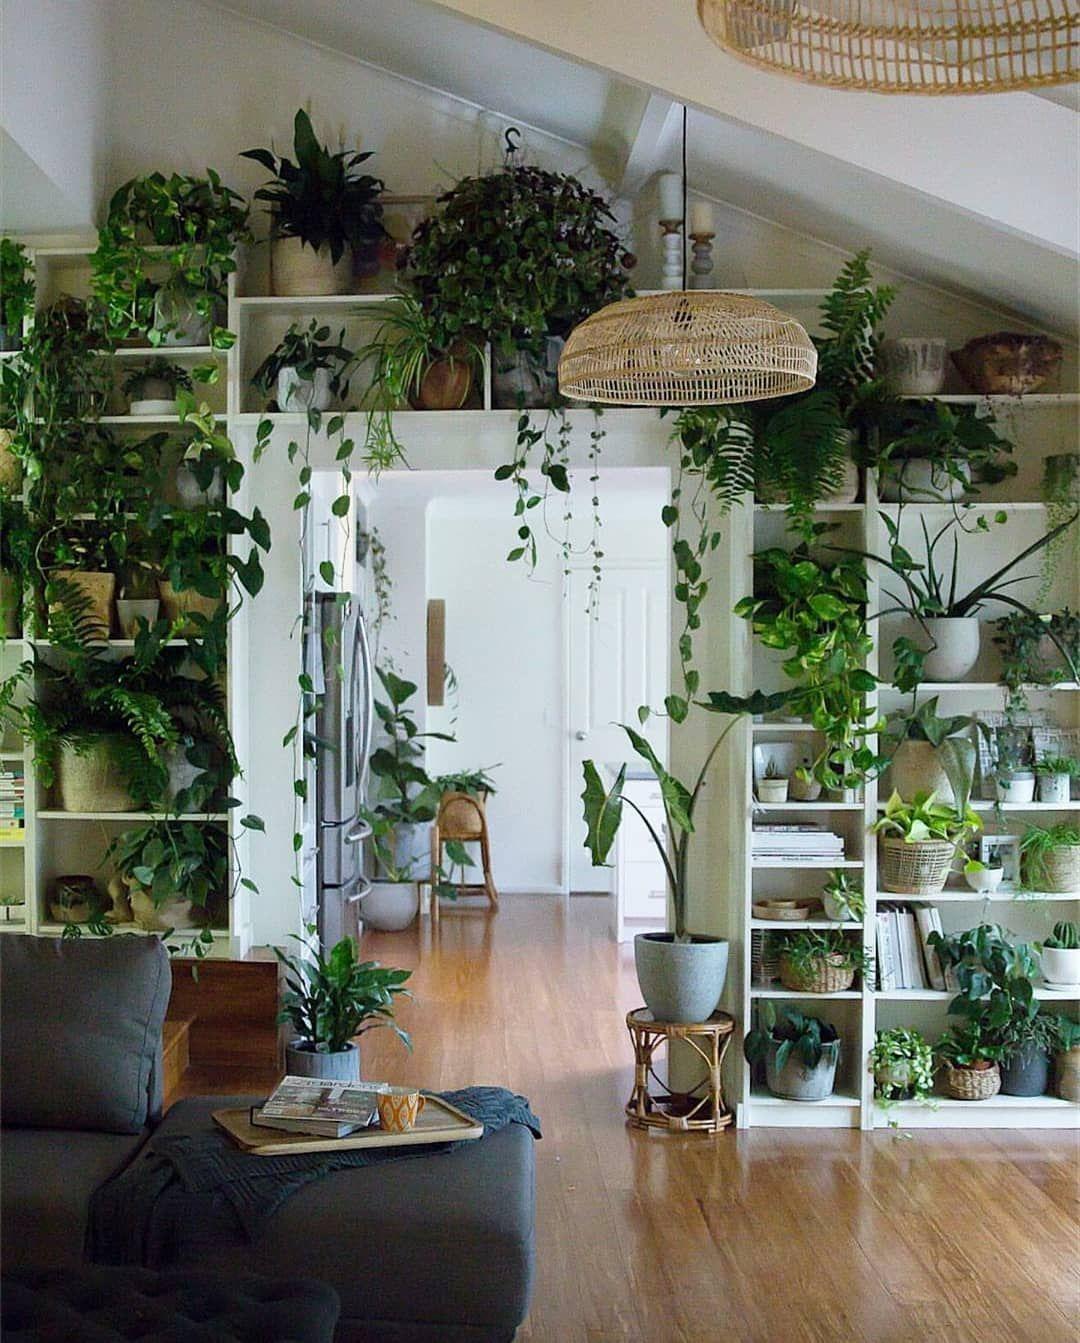 Pflanzen Wohnzimmer Ideen: Räume - Und Ihre Pflanzen